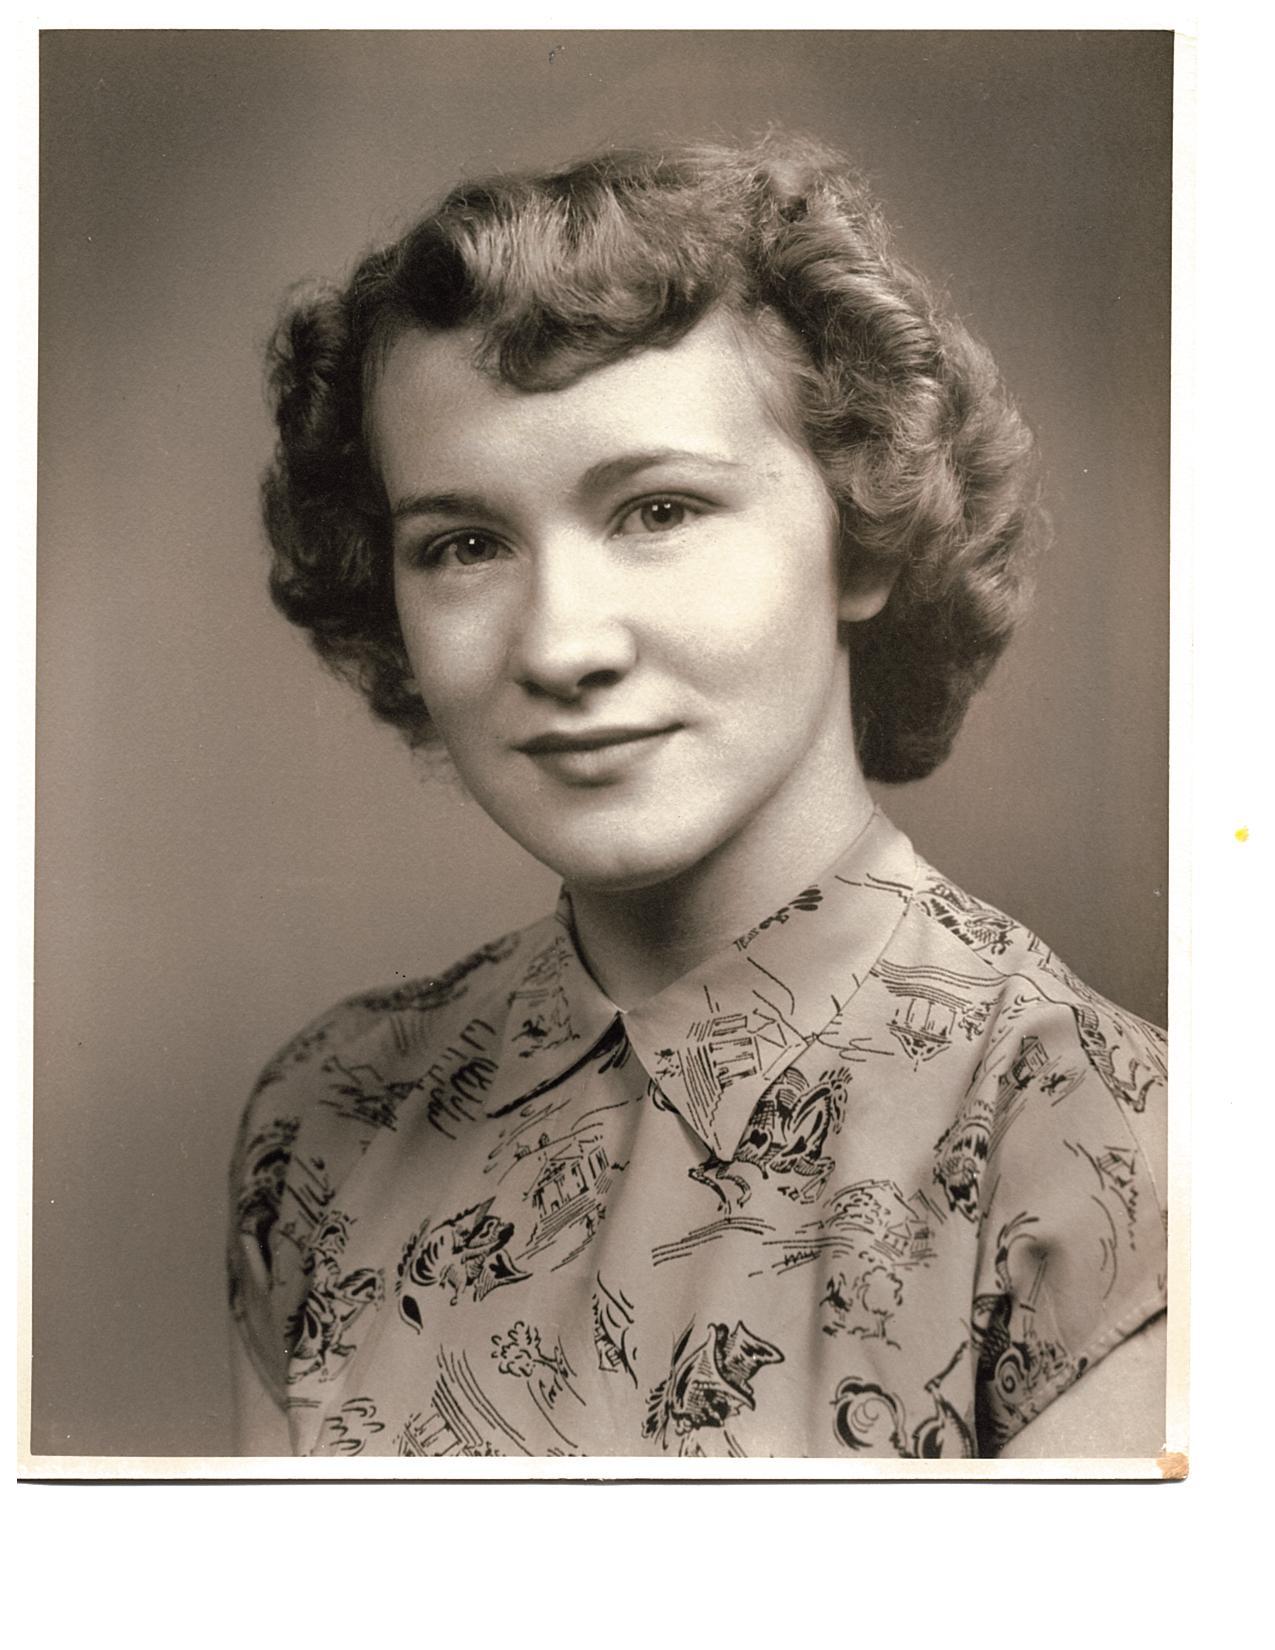 Mary Frances Hedrick Shifflett